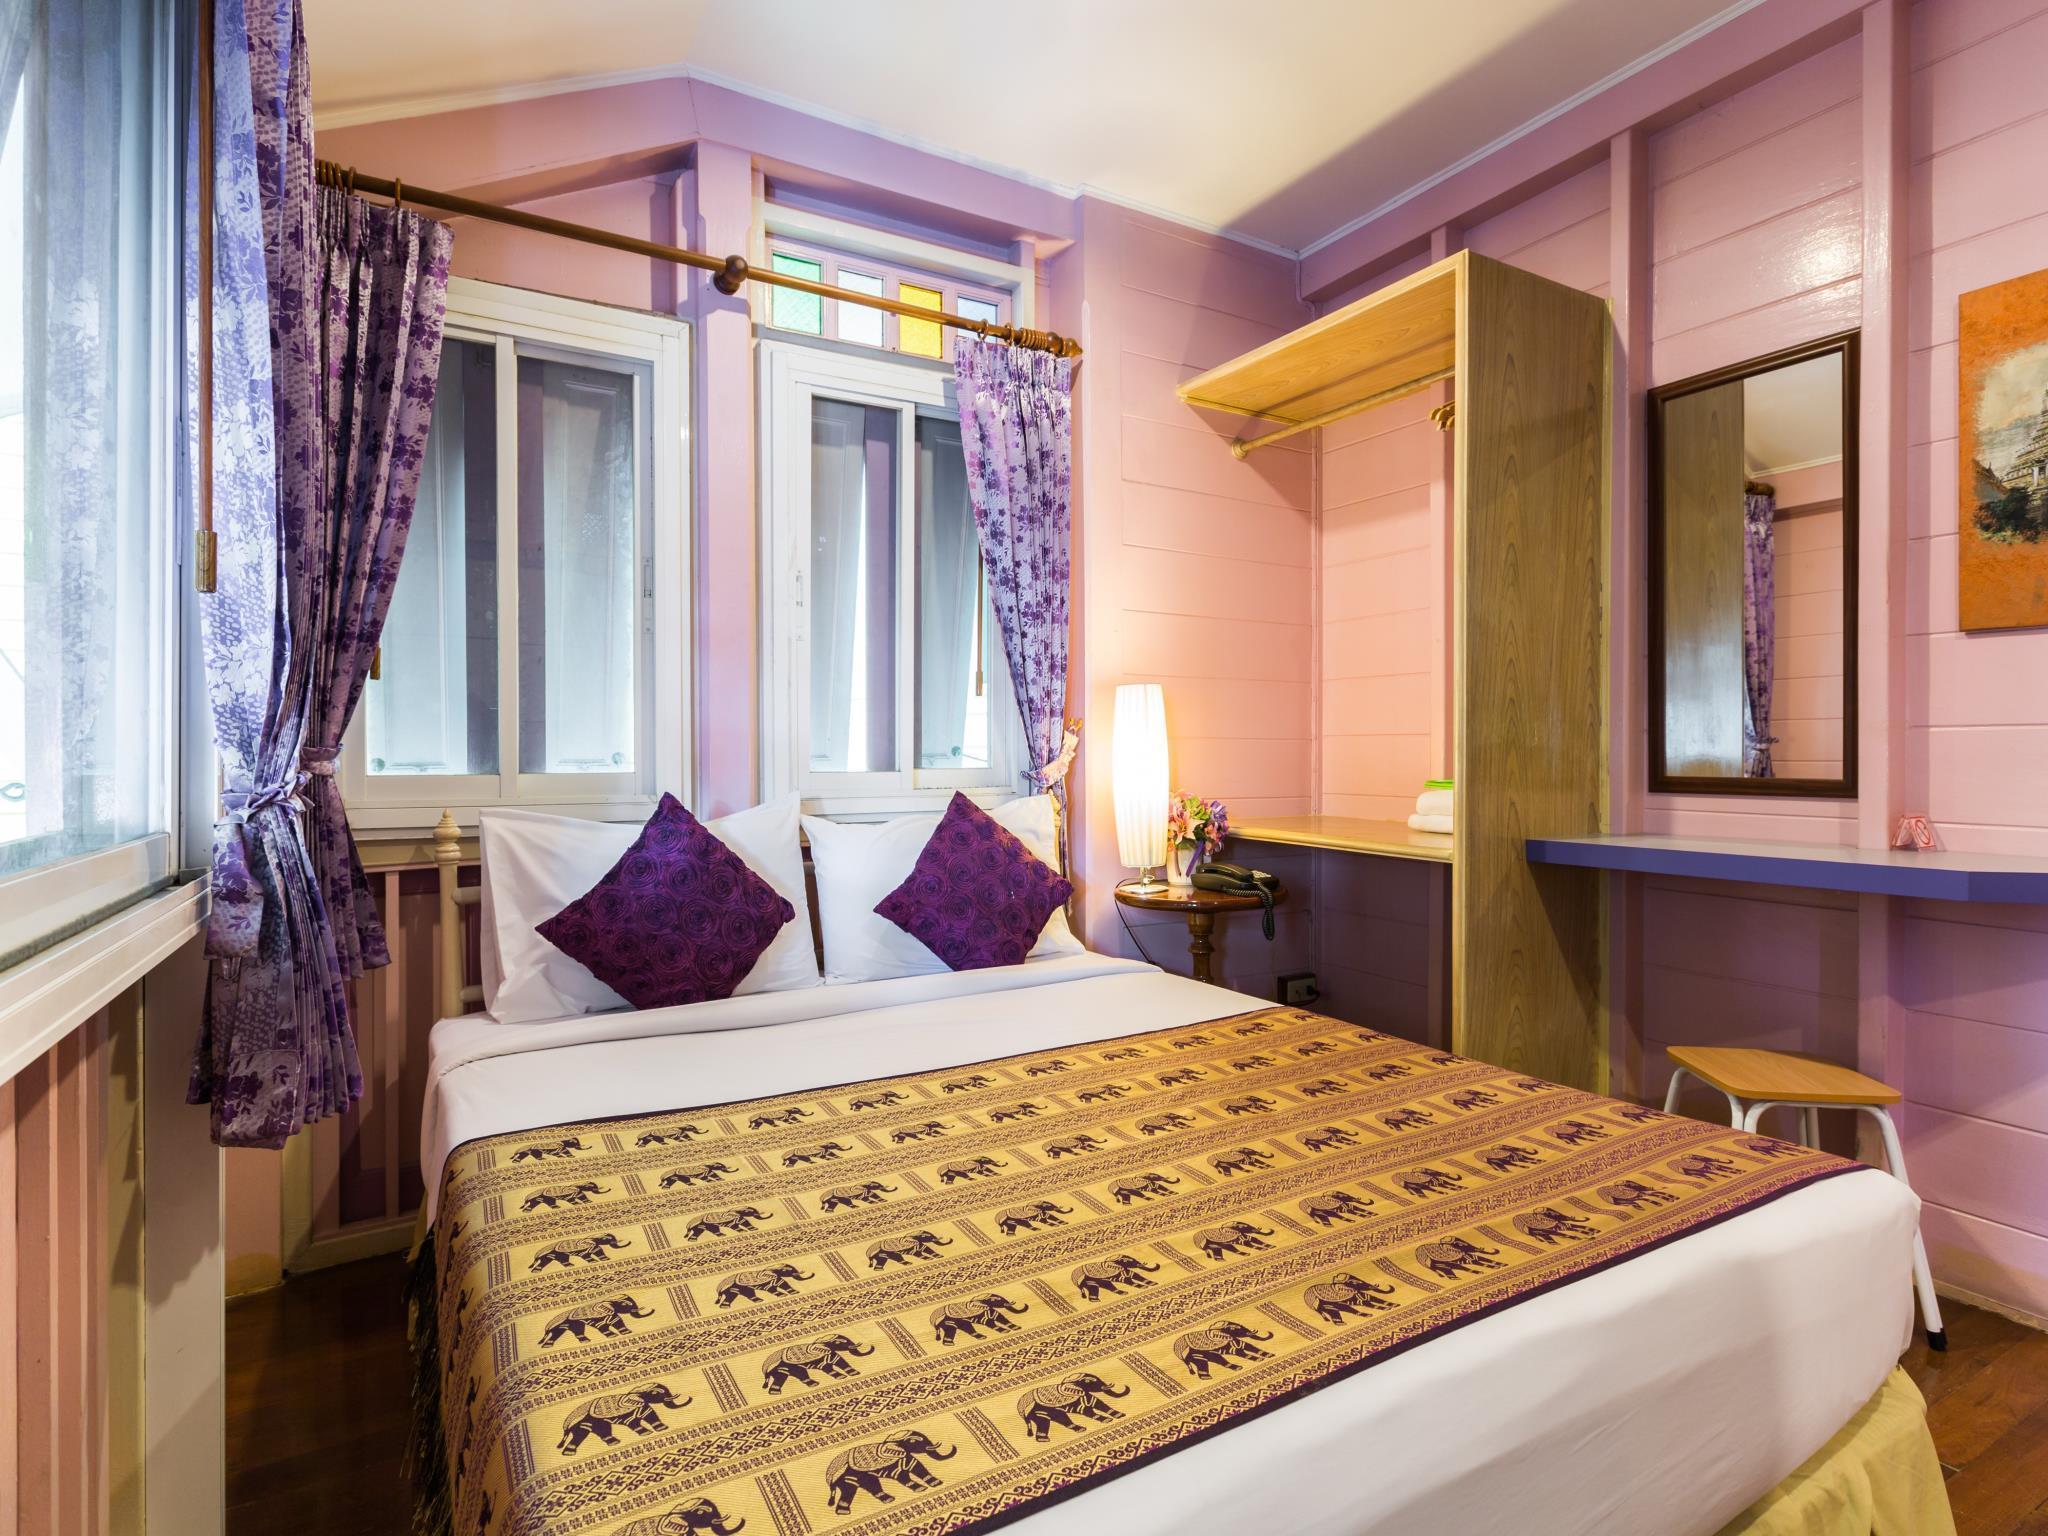 109229 16111114070048641486 - Hotel Budget di Kawasan Khao San Road Pilihan Backpacker